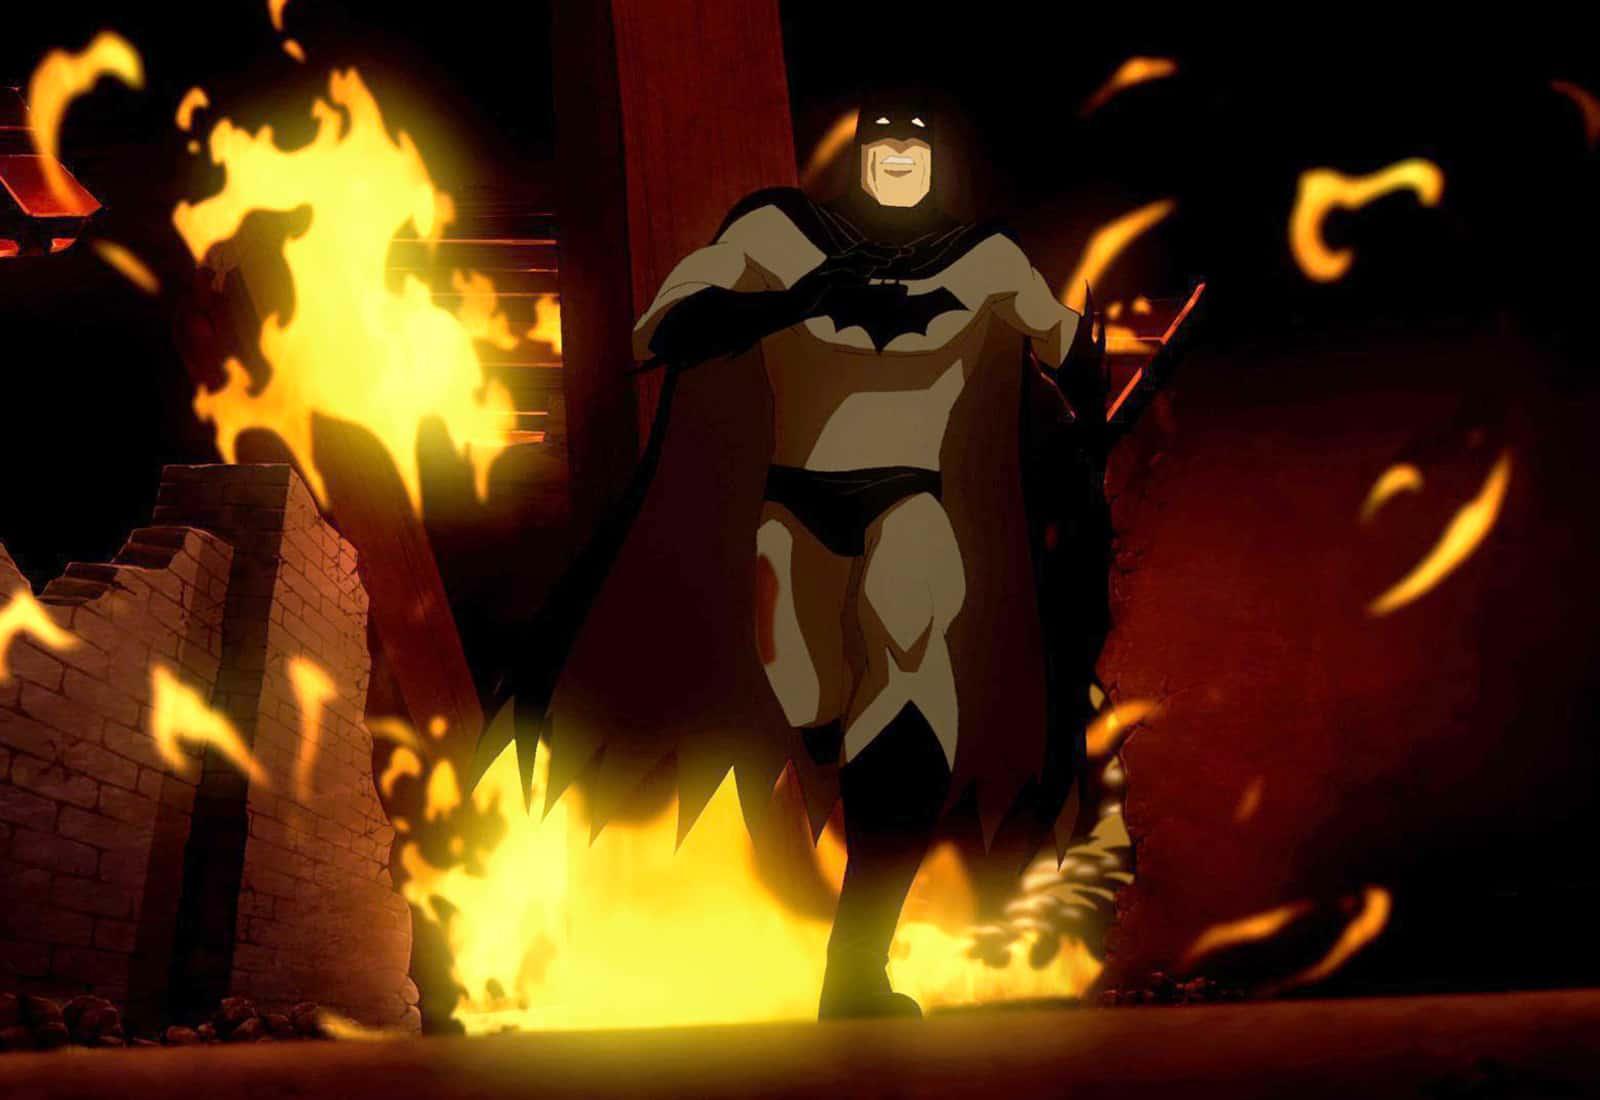 Batman Year One Movie